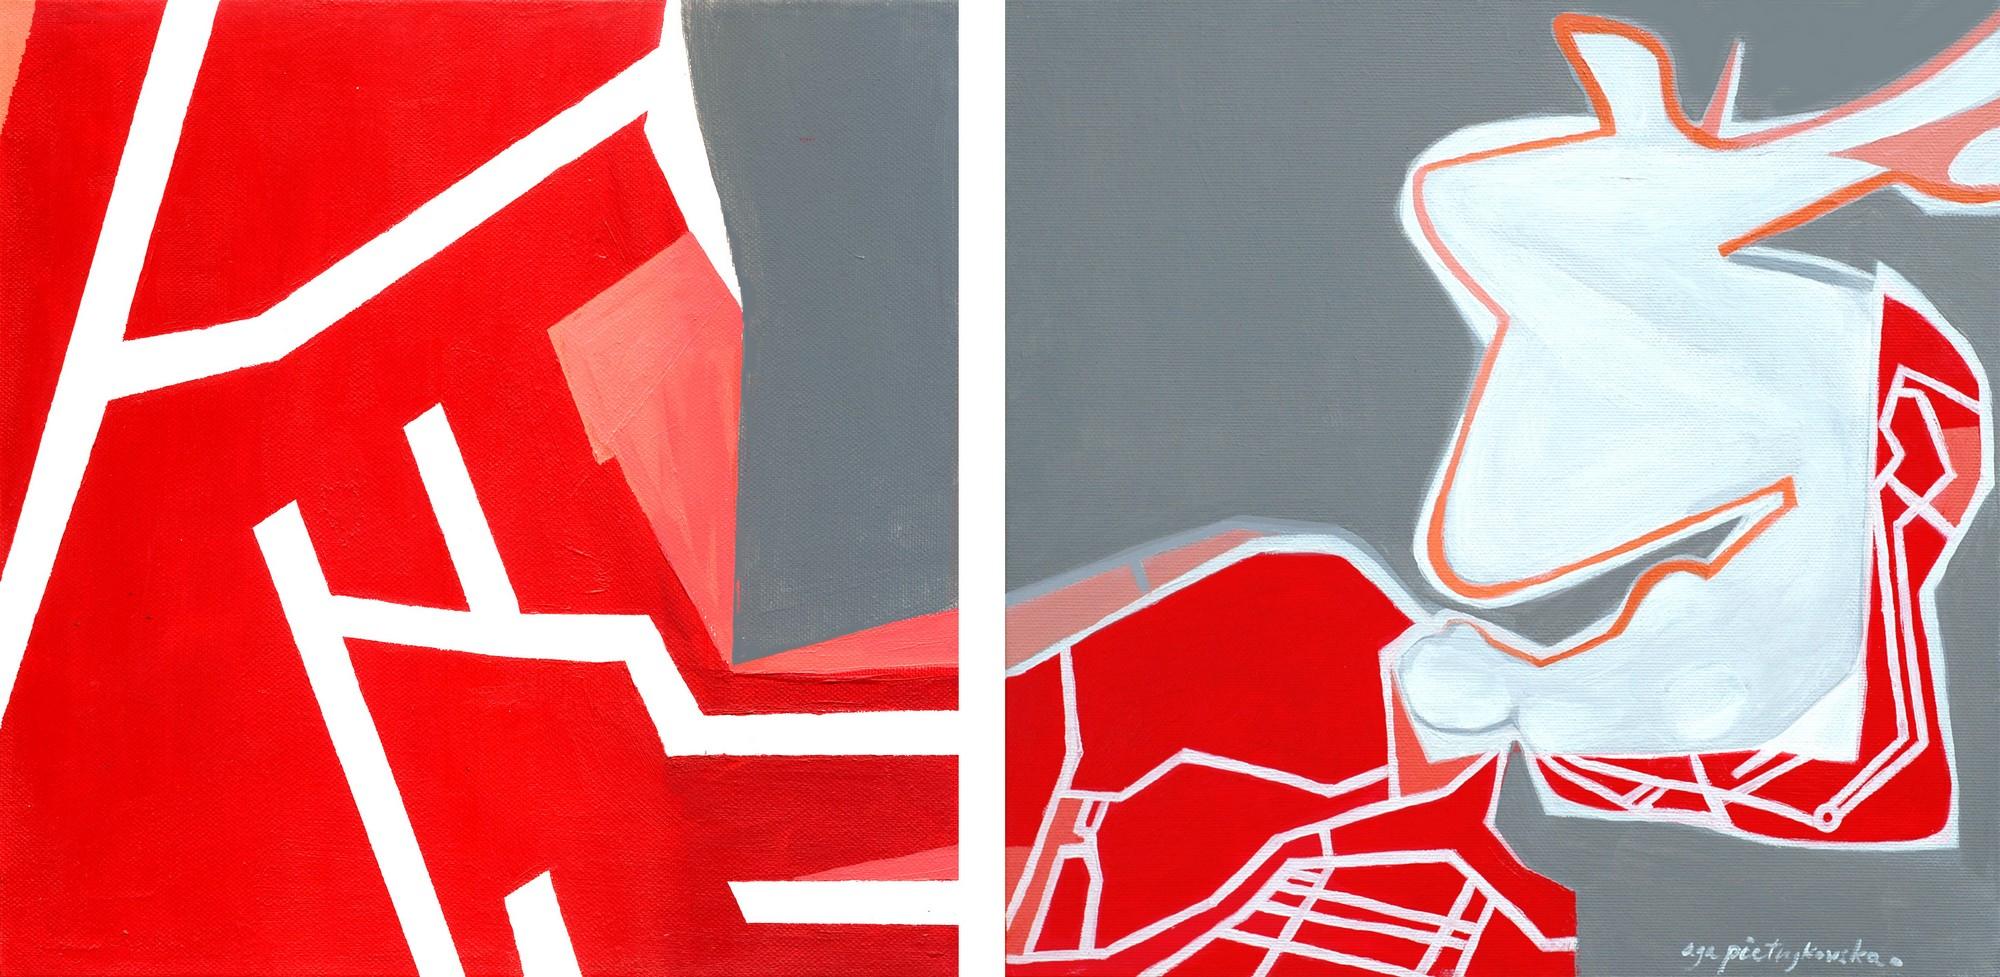 """Agnieszka Pietrzykowska, """"Amsterdam jest kobietą"""" (dyptyk), 2014, akryl, płótno, 30x60 cm (źródło: materiały prasowe)"""